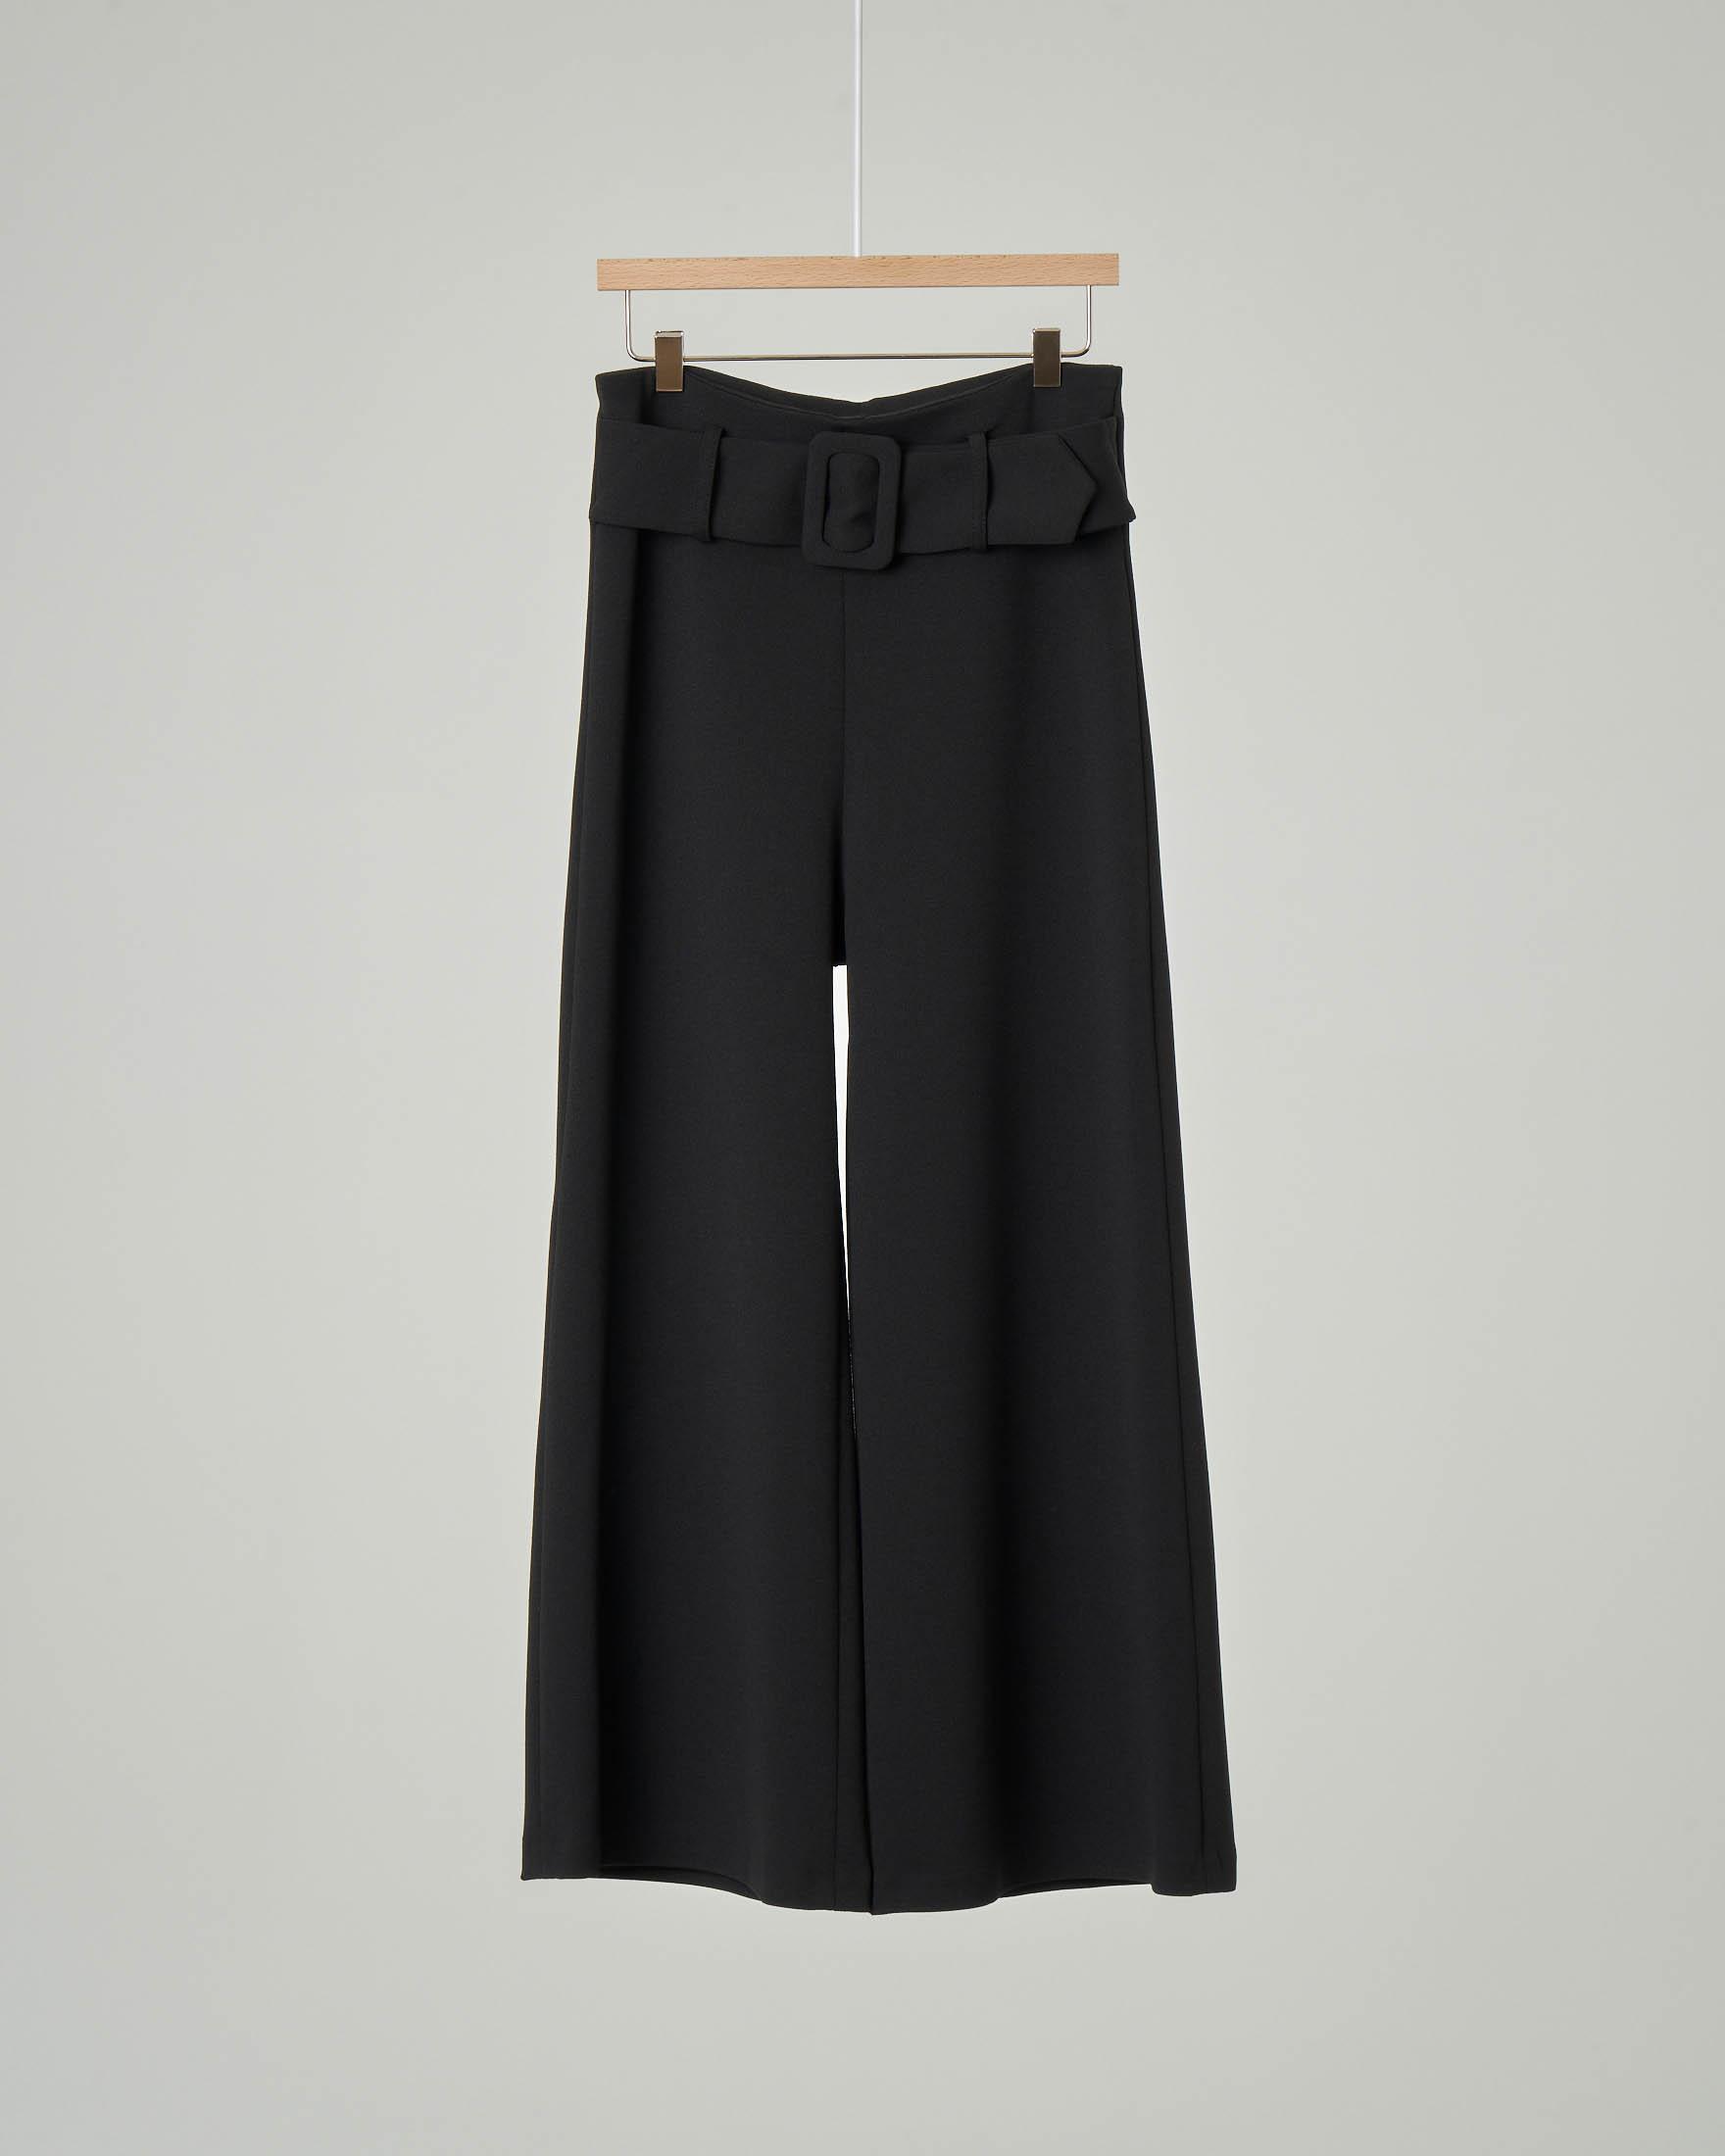 Pantaloni palazzo neri con cintura in vita tono su tono con fibbia quadrata 36-38